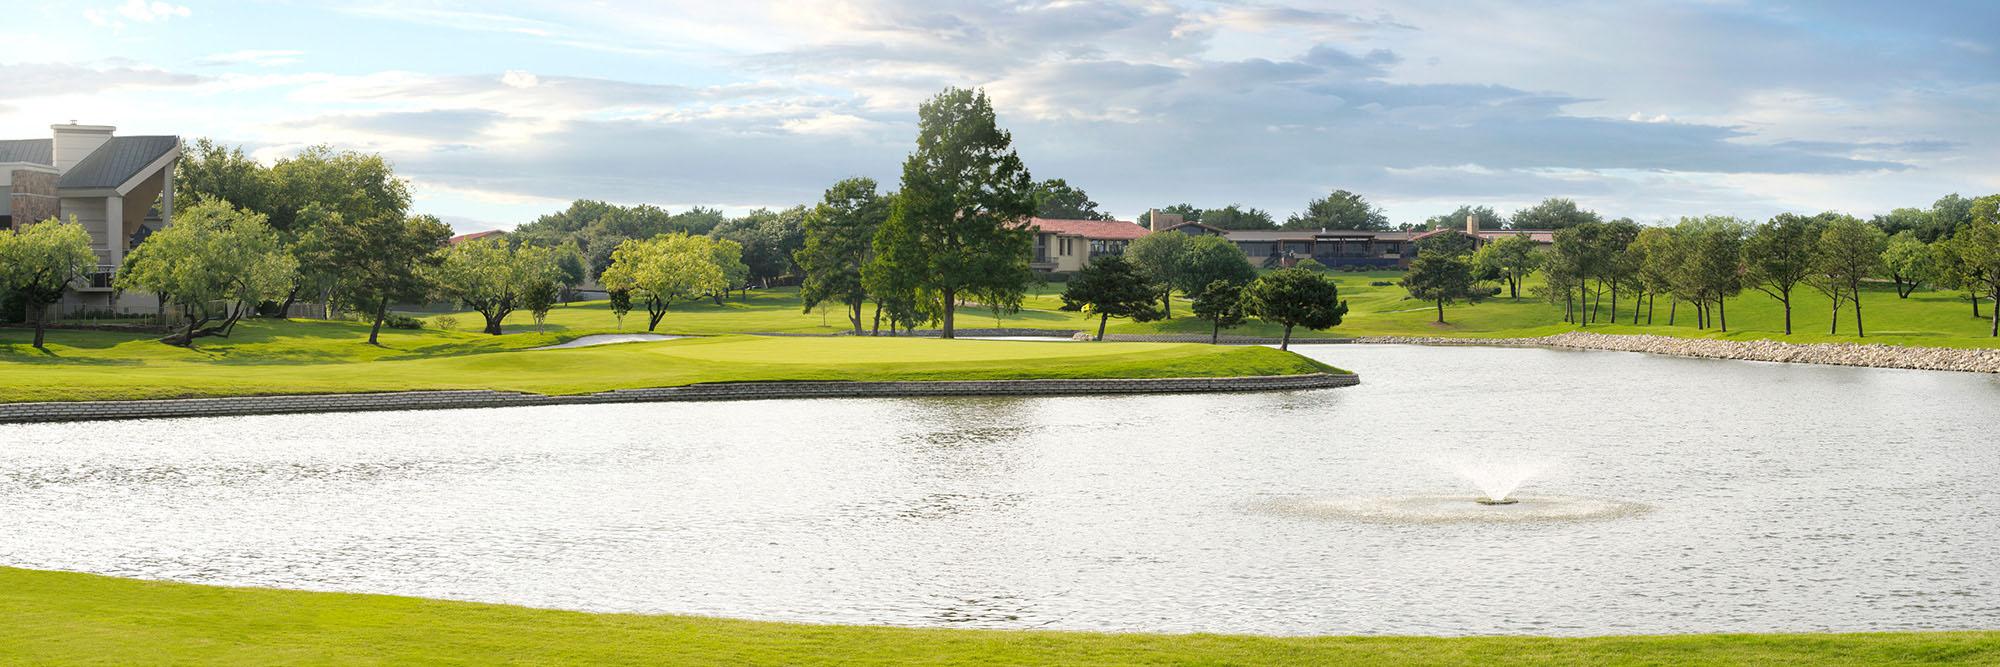 Golf Course Image - Las Colinas No. 15